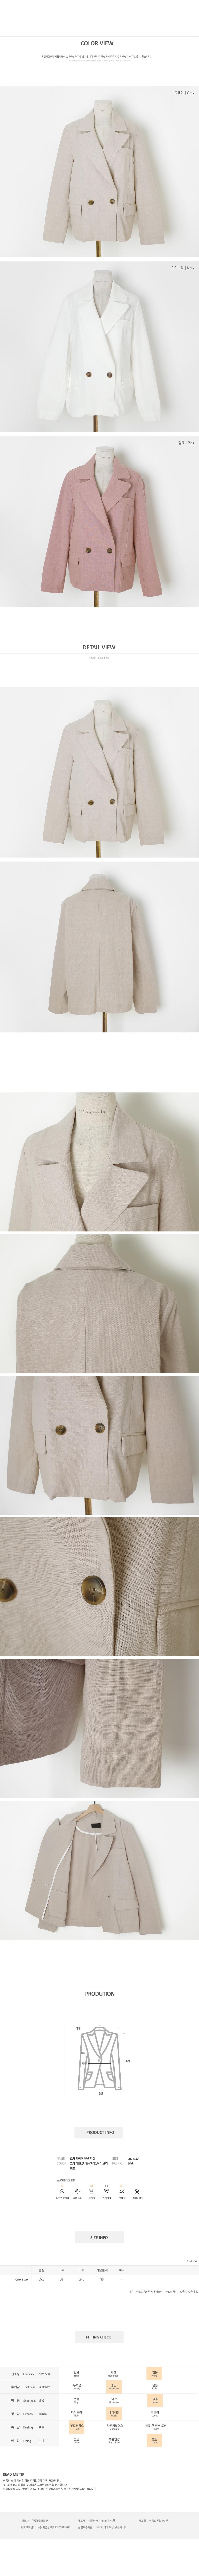 Roze Basic linen jacket